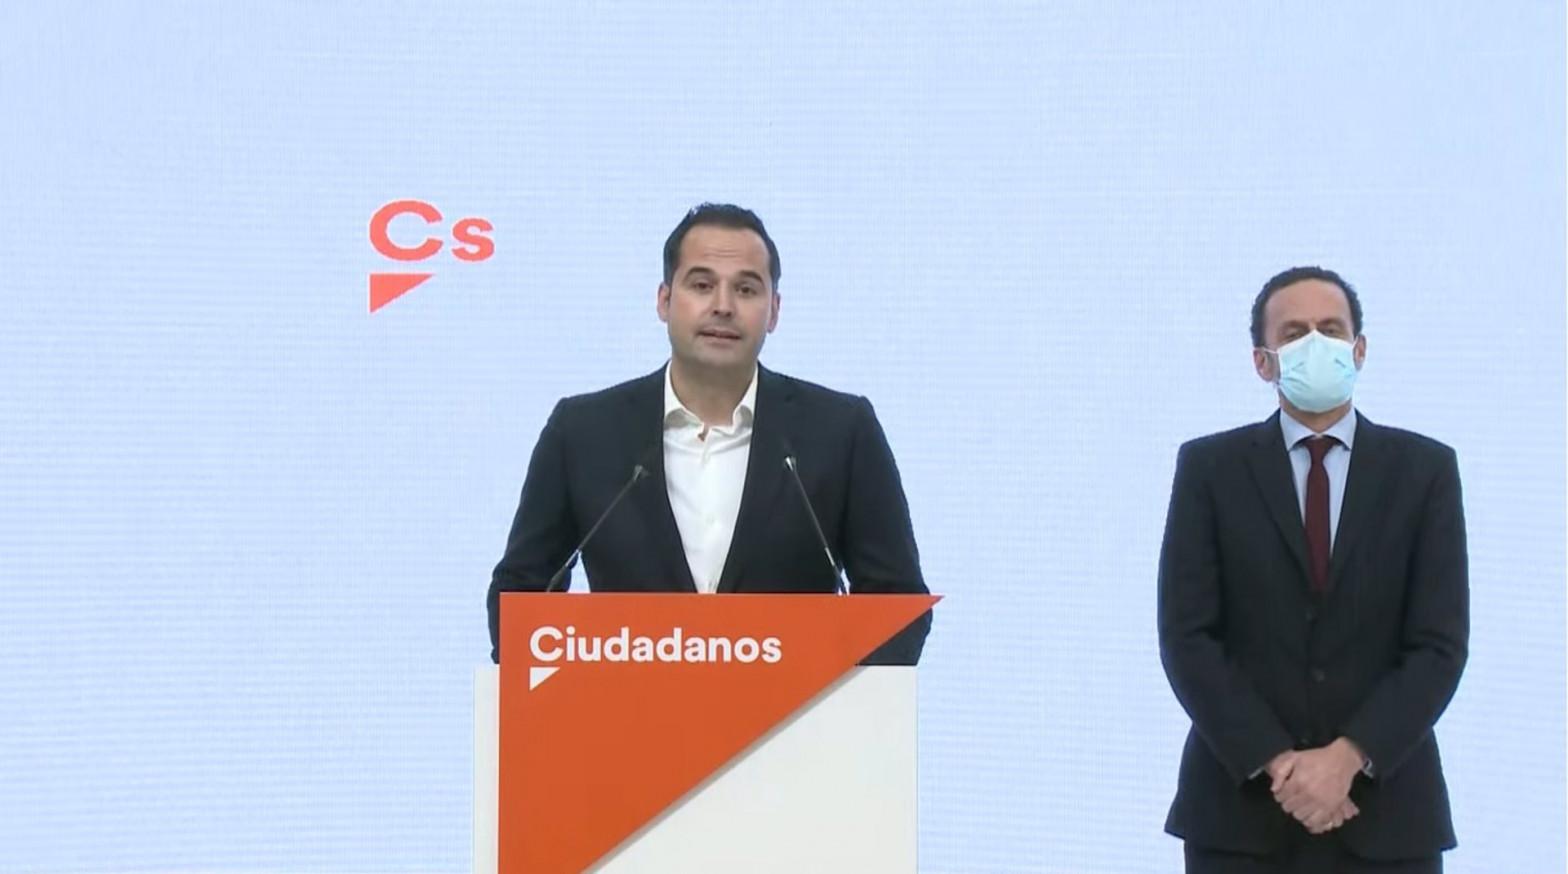 Aguado renuncia y Ciudadanos elige a Edmundo Bal como candidato en Madrid